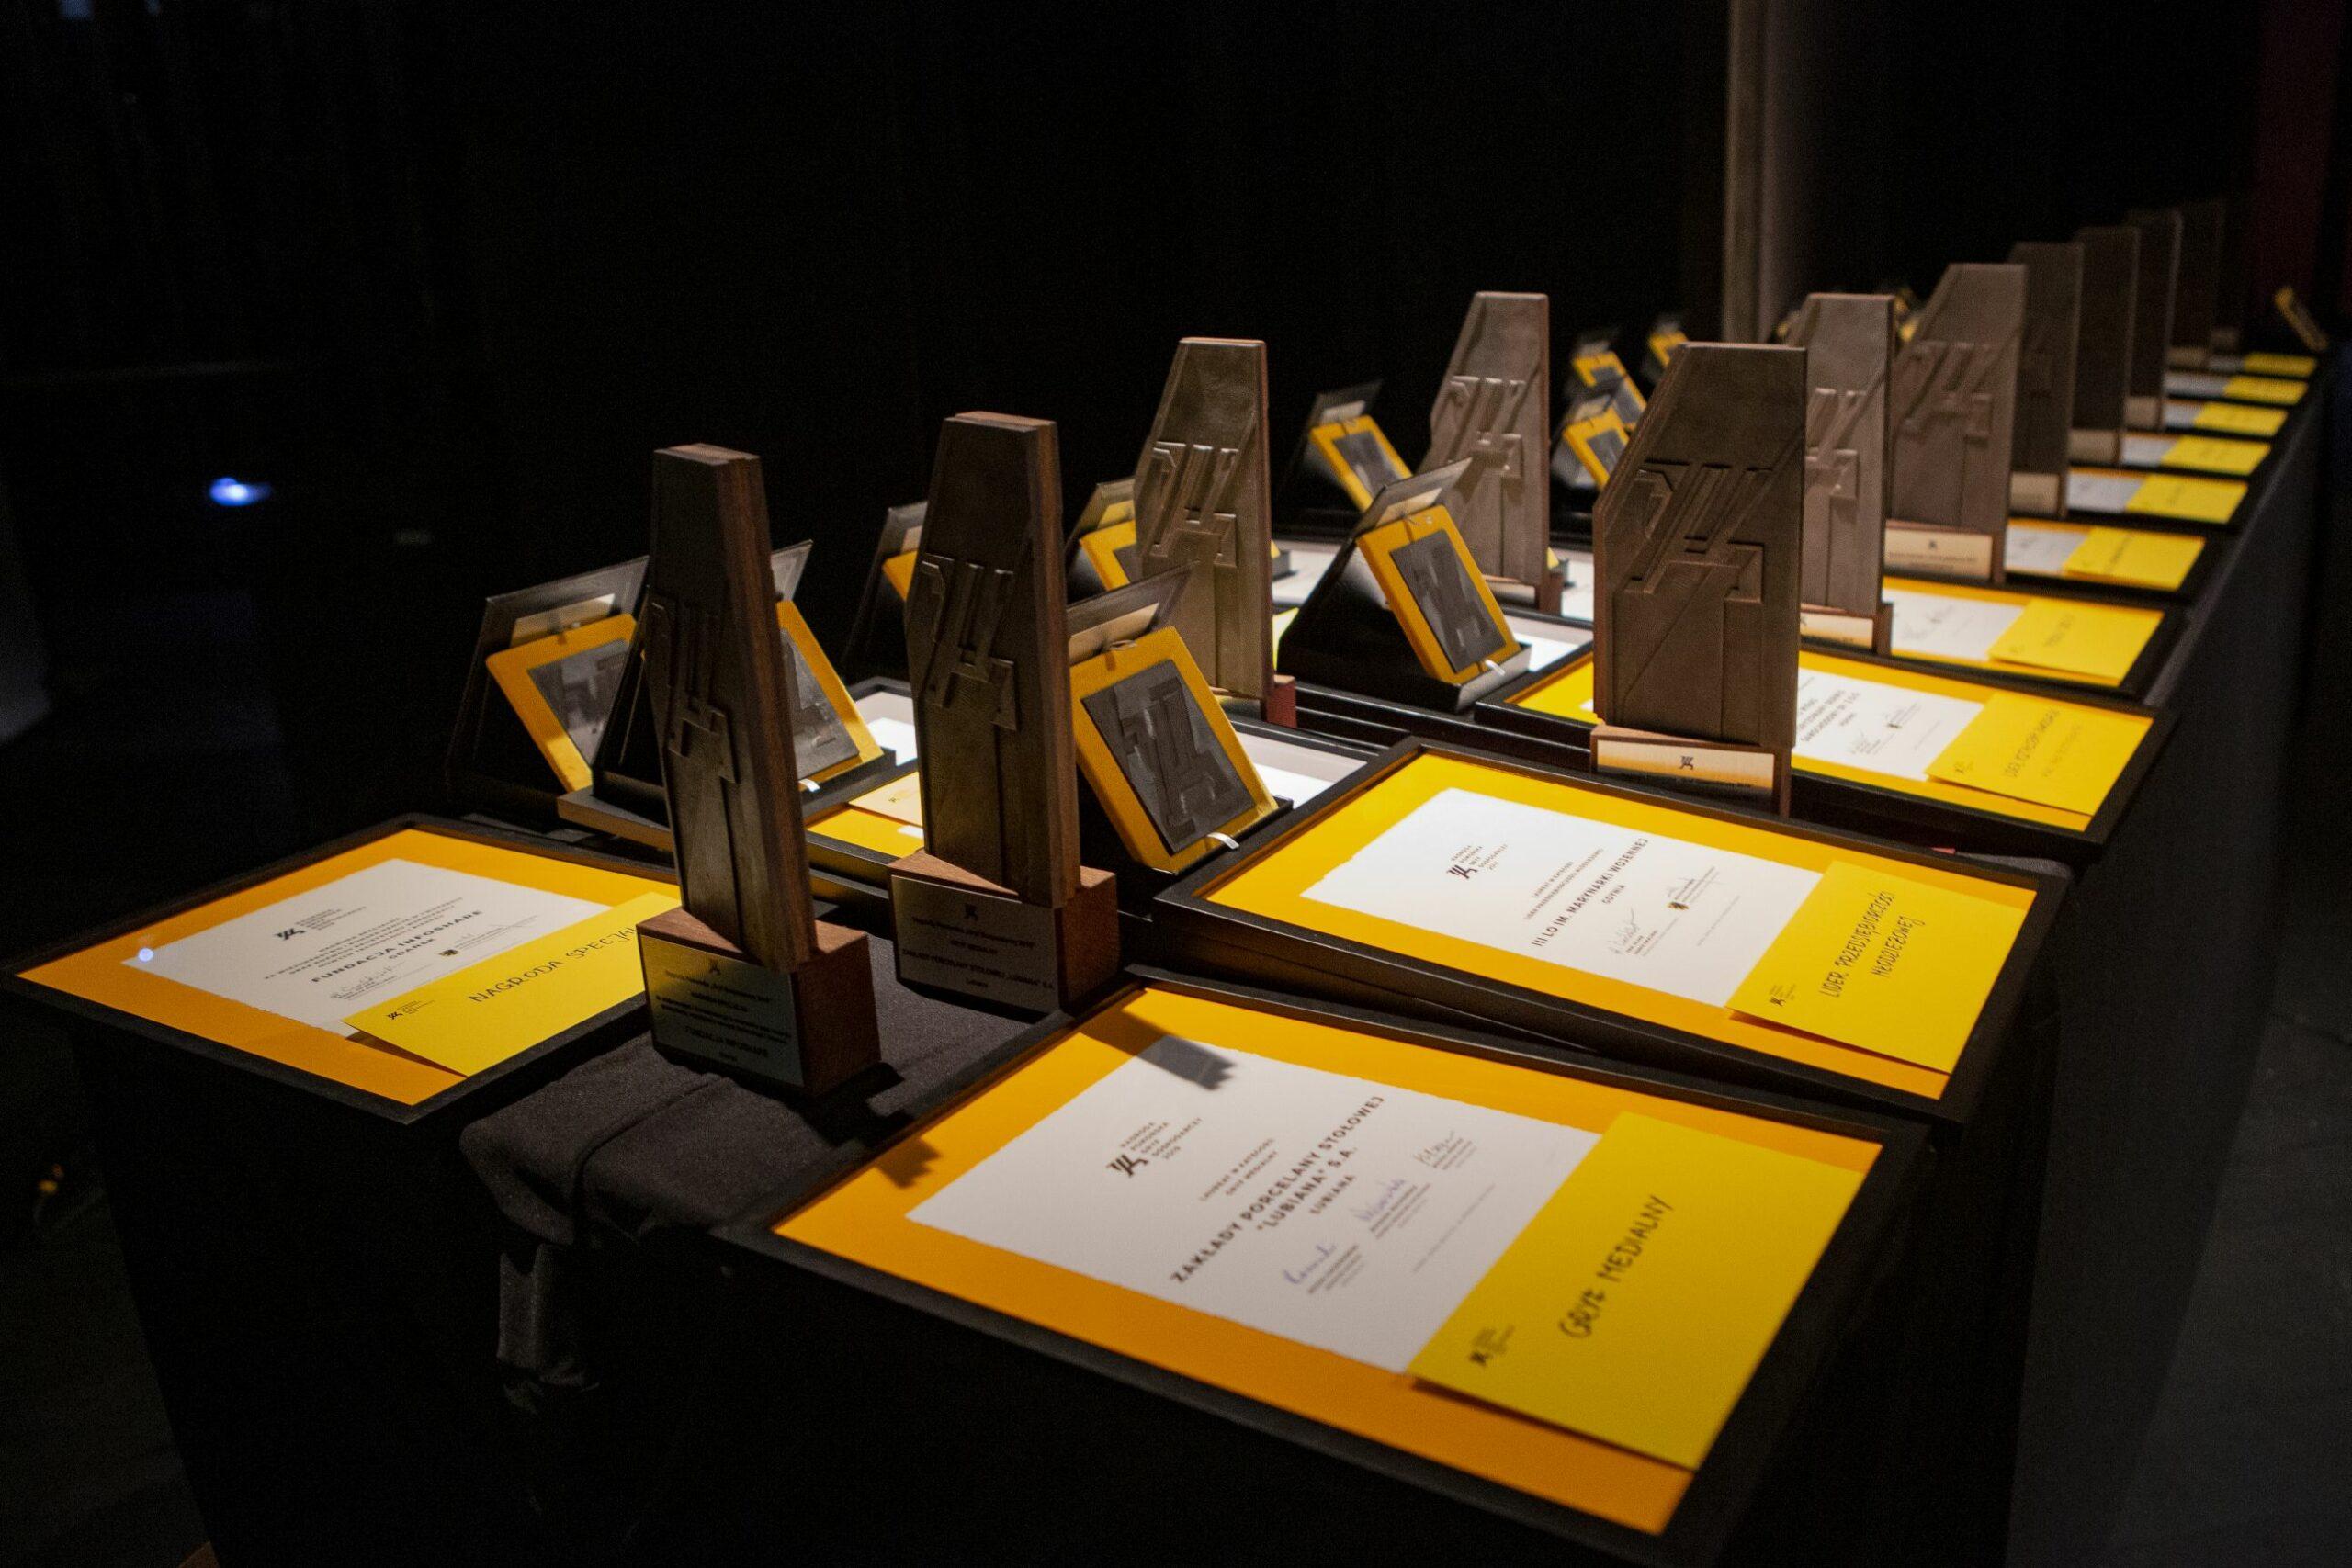 Zgłoś firmę do konkursu o nagrodę Gryf Gospodarczy 2021. To już XXII edycja!